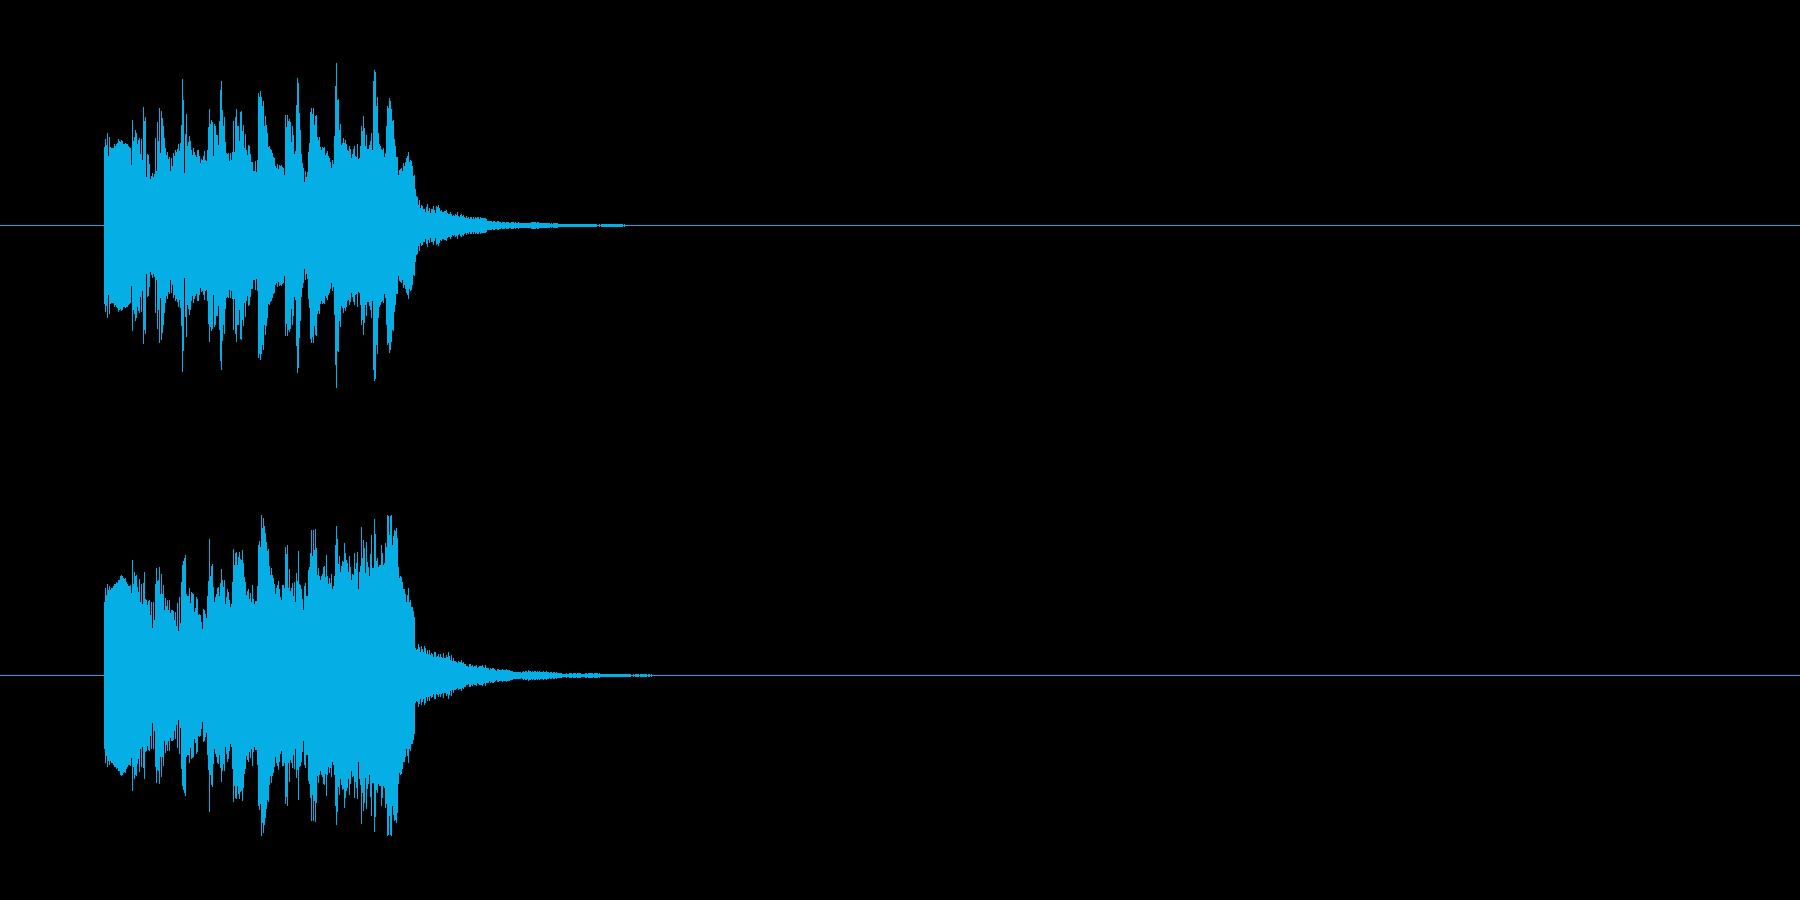 ジングル/環境(場面転換SE風)の再生済みの波形